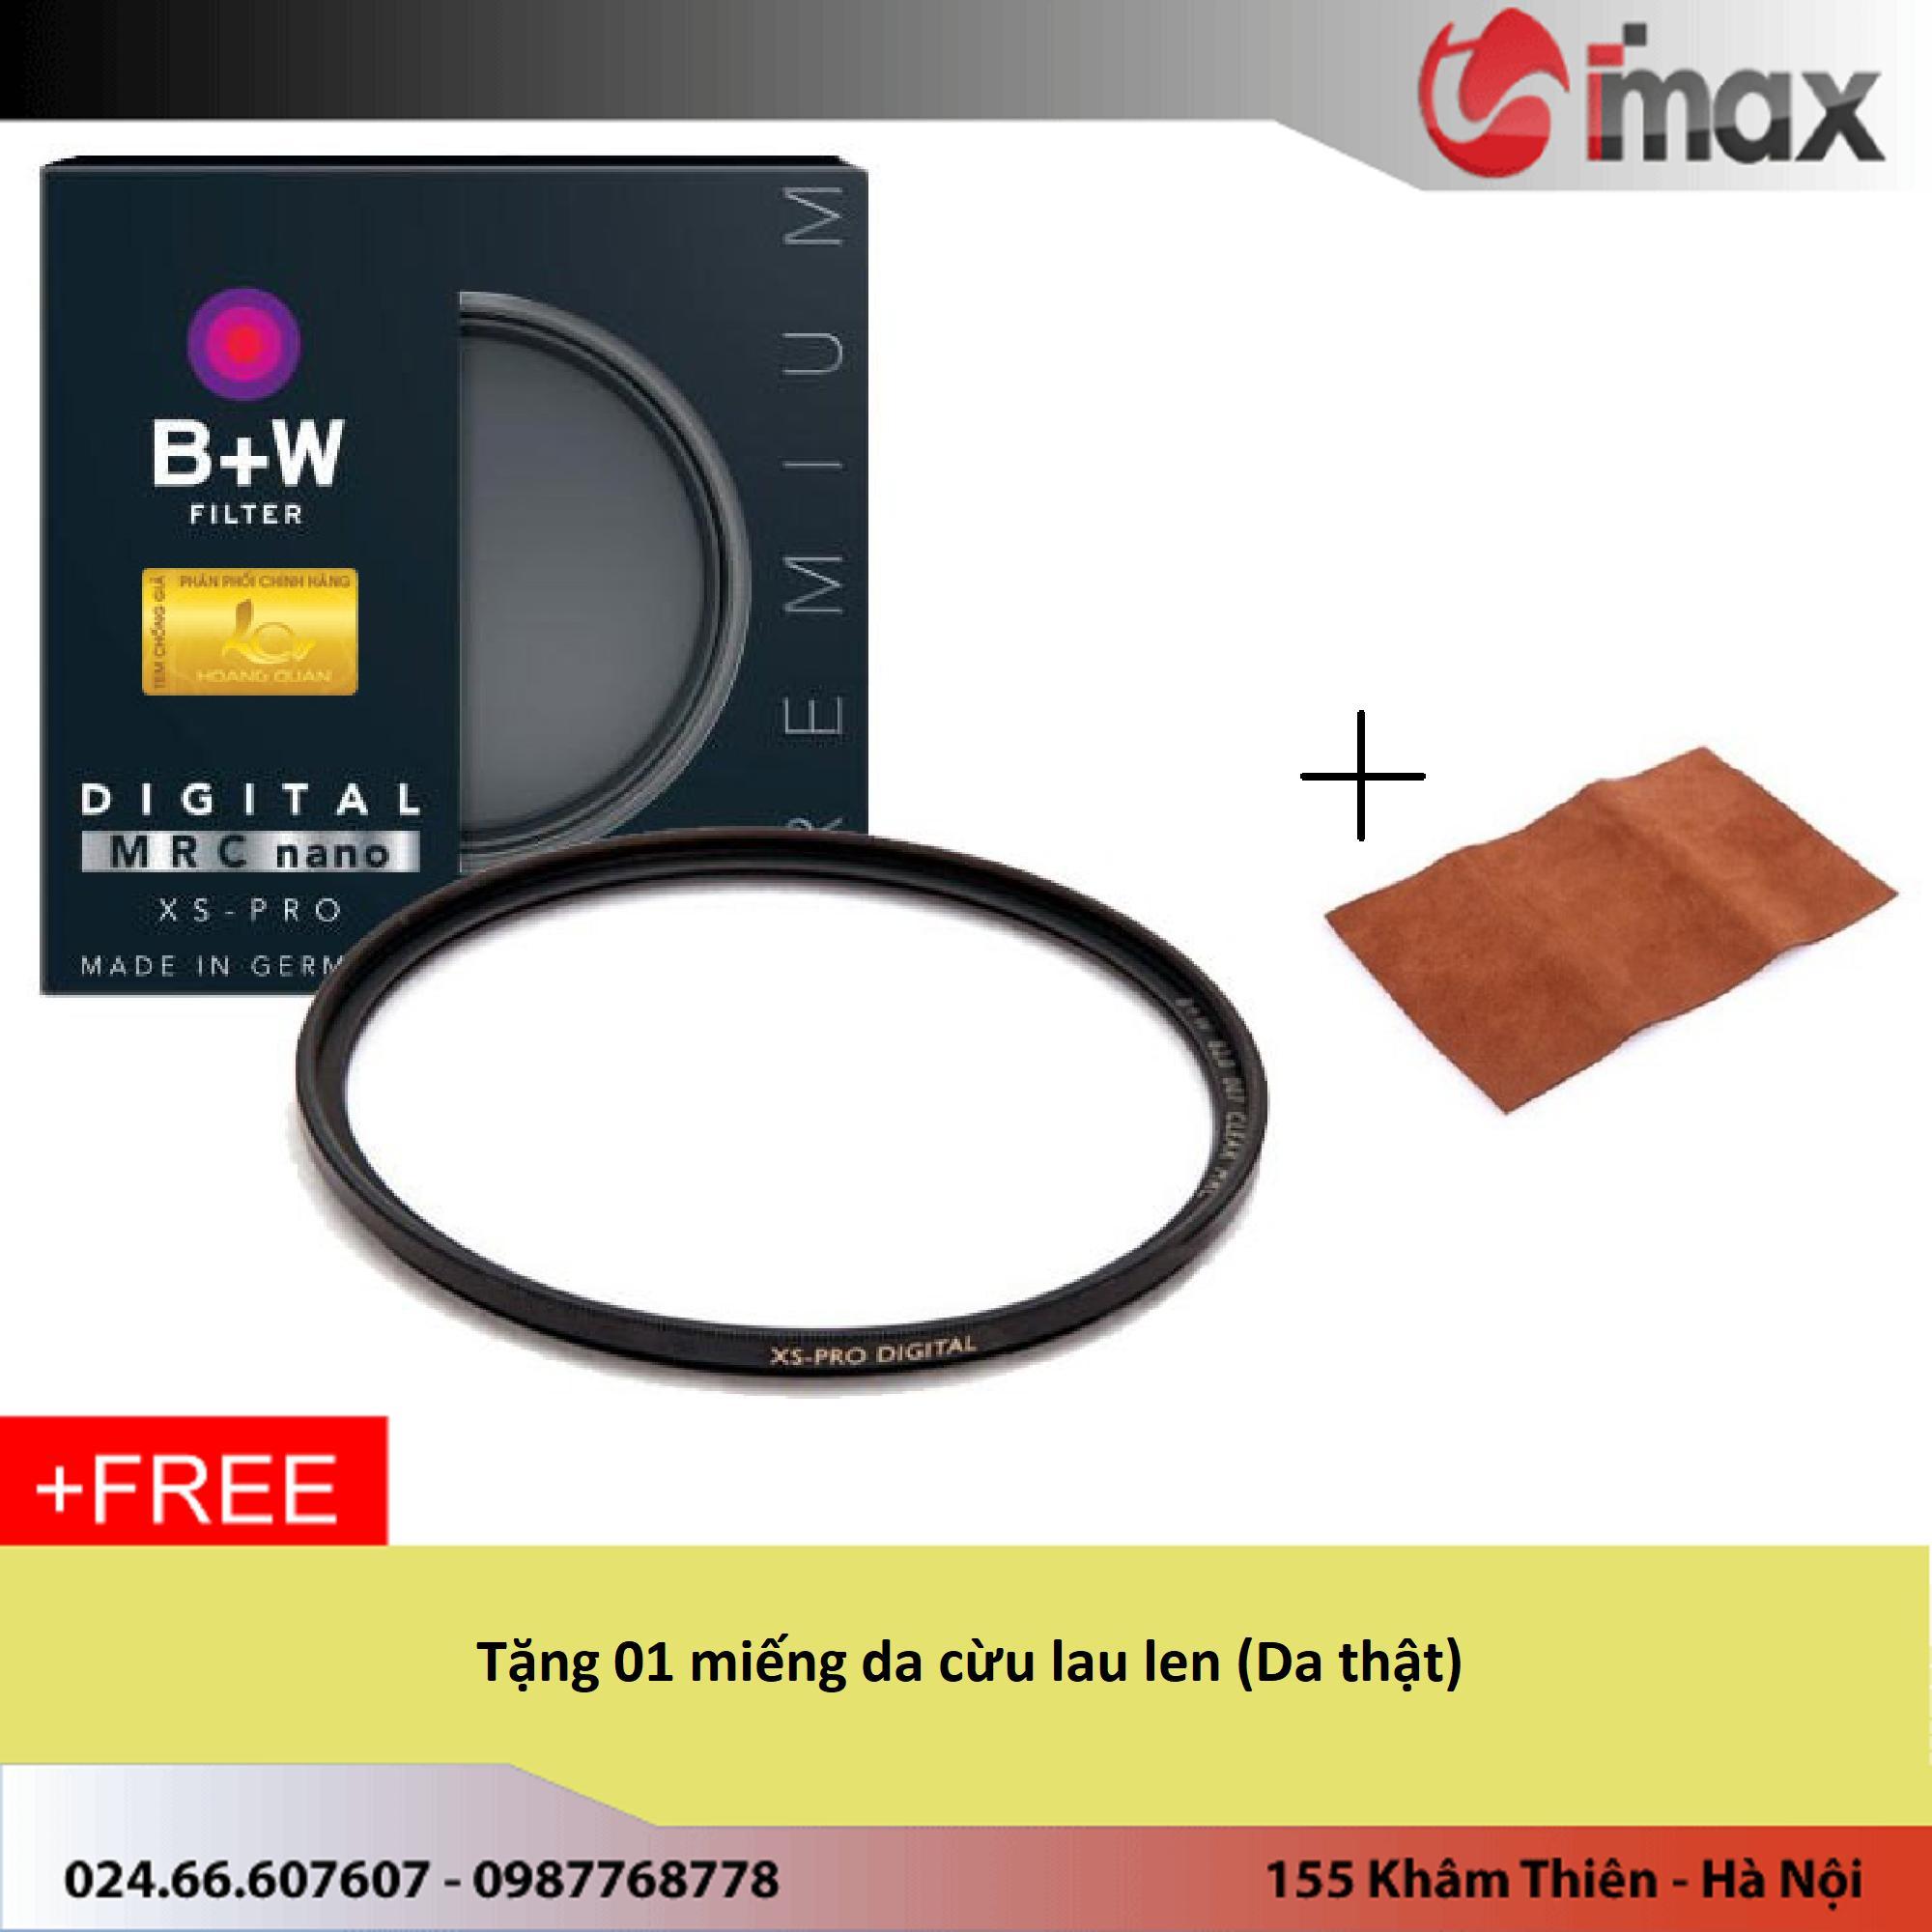 Mua Kinh Lọc Filter B W Xs Pro Digital 010 Uv Haze Mrc Nano 62Mm Hoằng Quan Trực Tuyến Rẻ